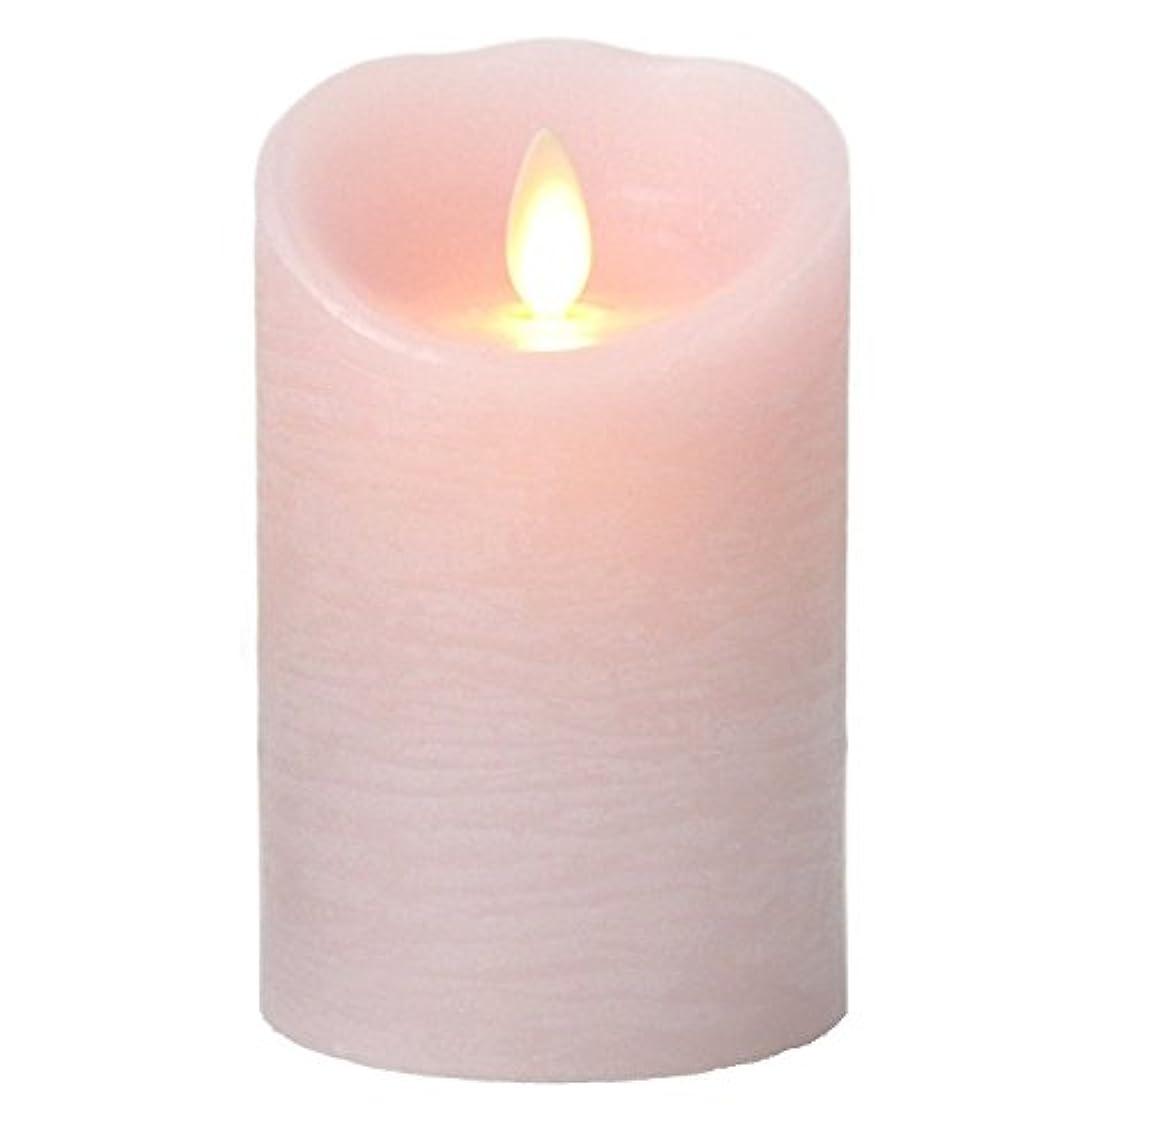 貼り直す哲学博士慢なLUMINARA(ルミナラ)ピラー3×4【ギフトボックス付き】 「 ピンク 」 03070010BPK